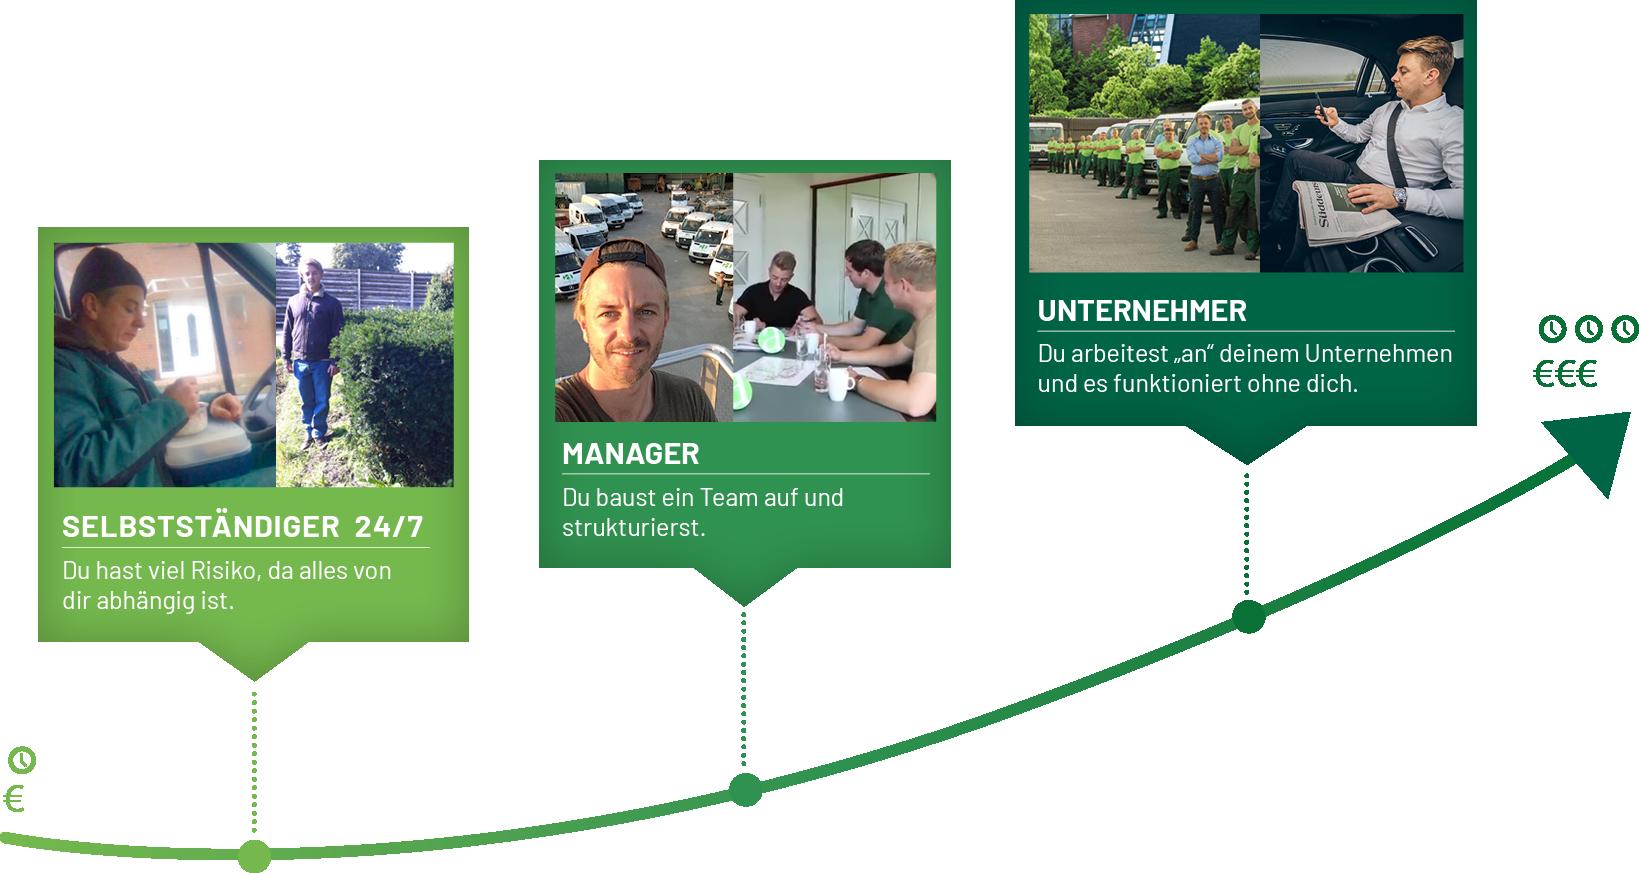 Matthias Aumann - Vom Selbstständigen zum Unternehmer